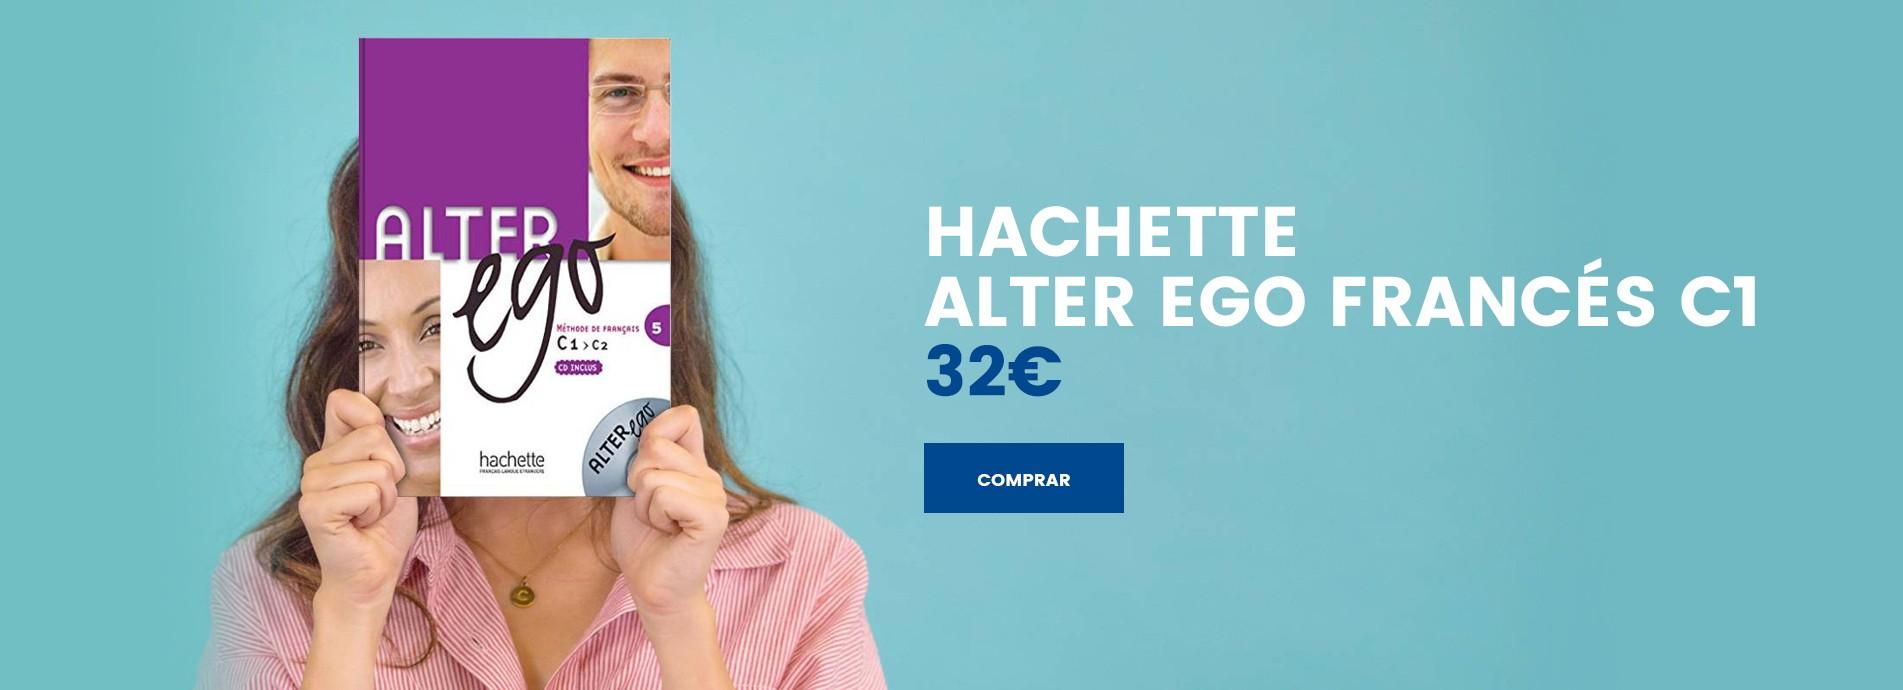 Hachette alter ego francés C1